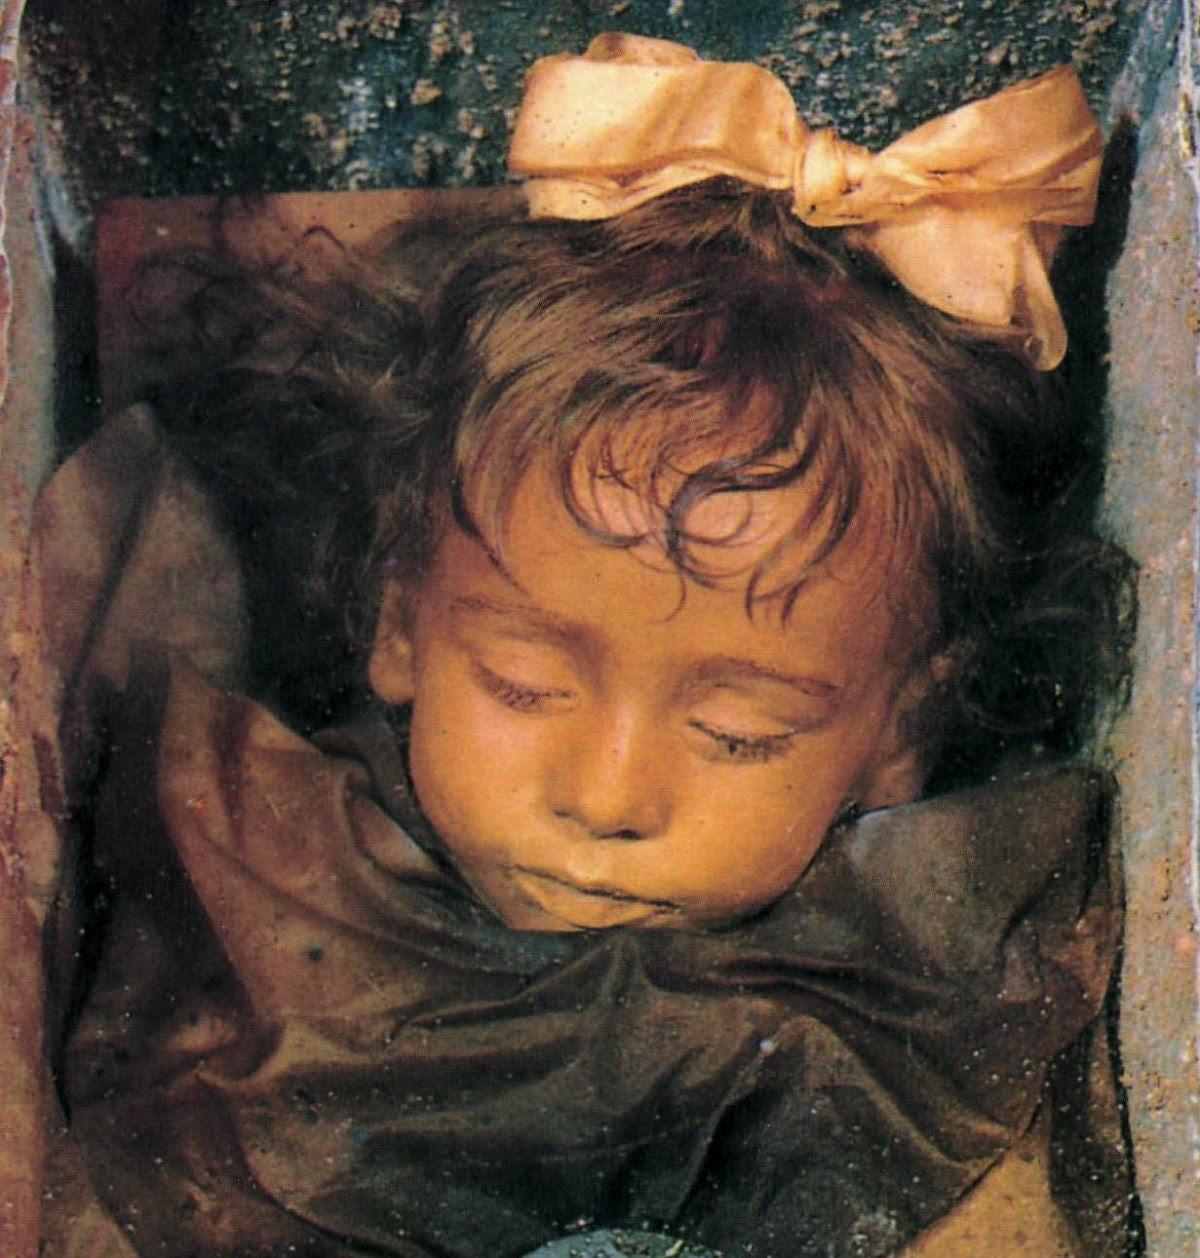 Menina mumificada há 94 anos abre e fecha os olhos todos os dias